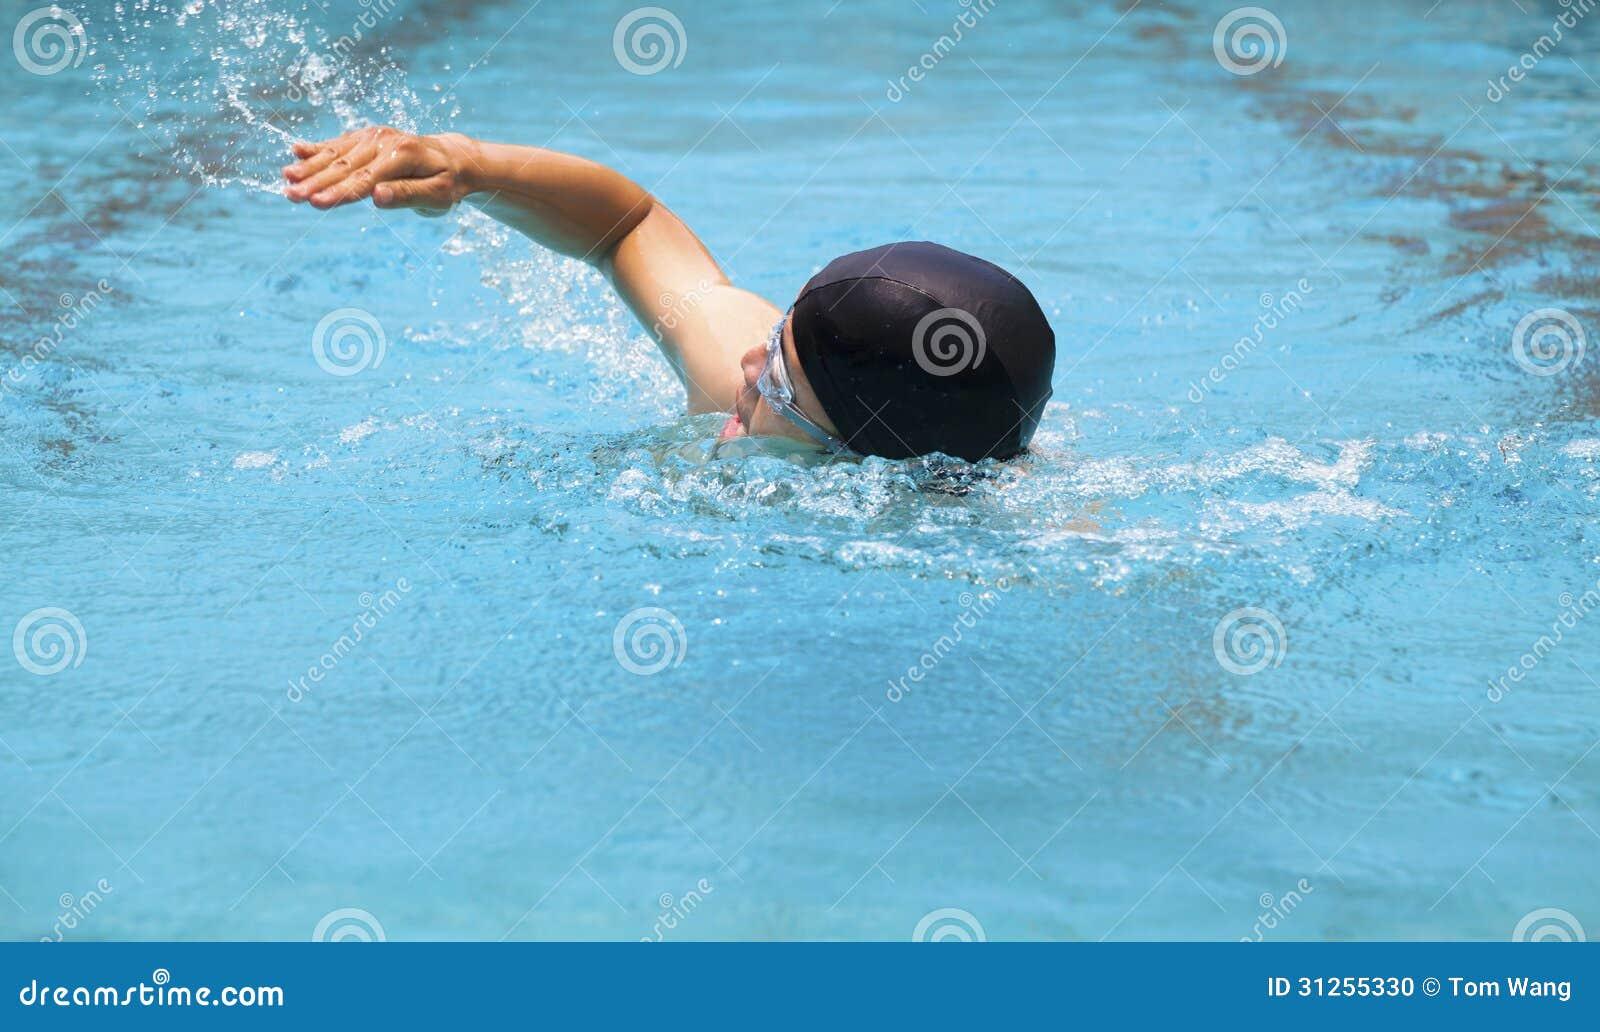 Natation d 39 homme dans la piscine photo stock image 31255330 for Apprendre a plonger dans la piscine